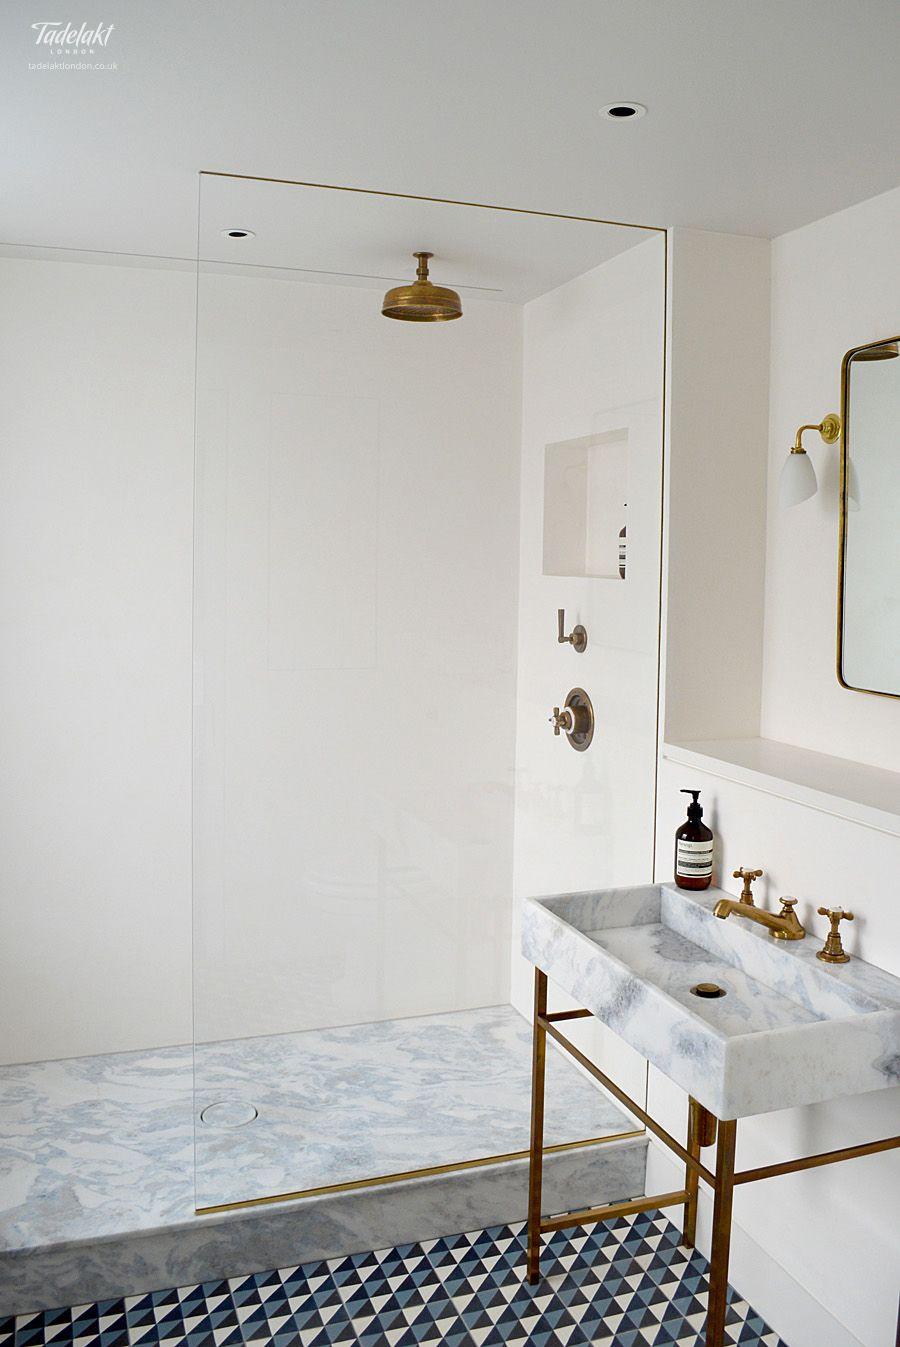 Tadelakt In Natural White In Shower Room   Alternative To Using Tiles